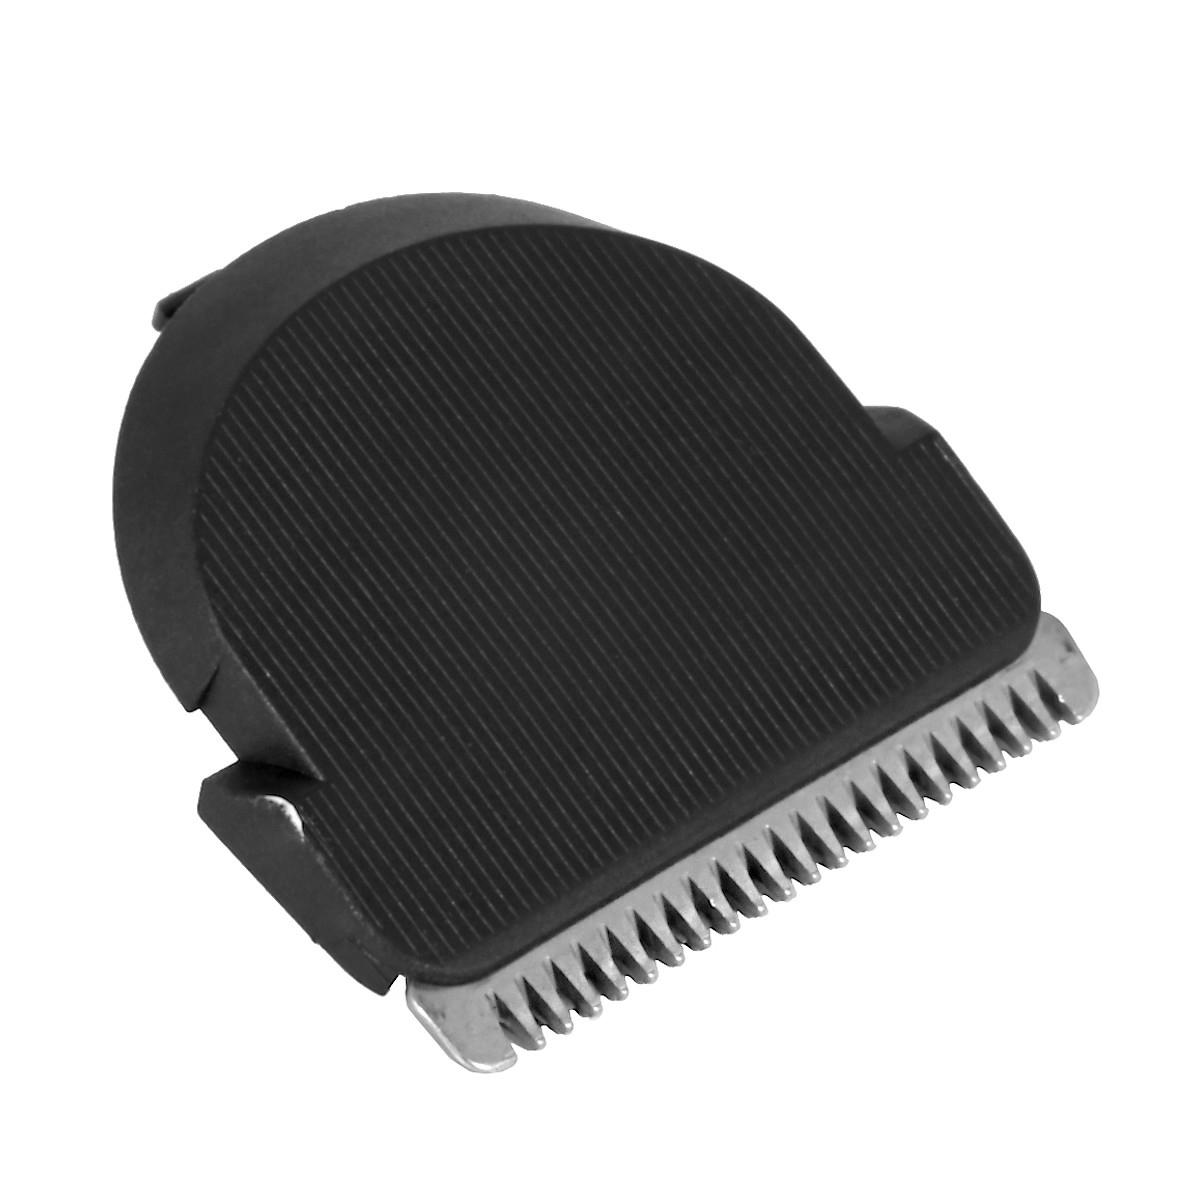 Режущий блок машинки для стрижки волос Braun режущий блок машинки для стрижки волос braun